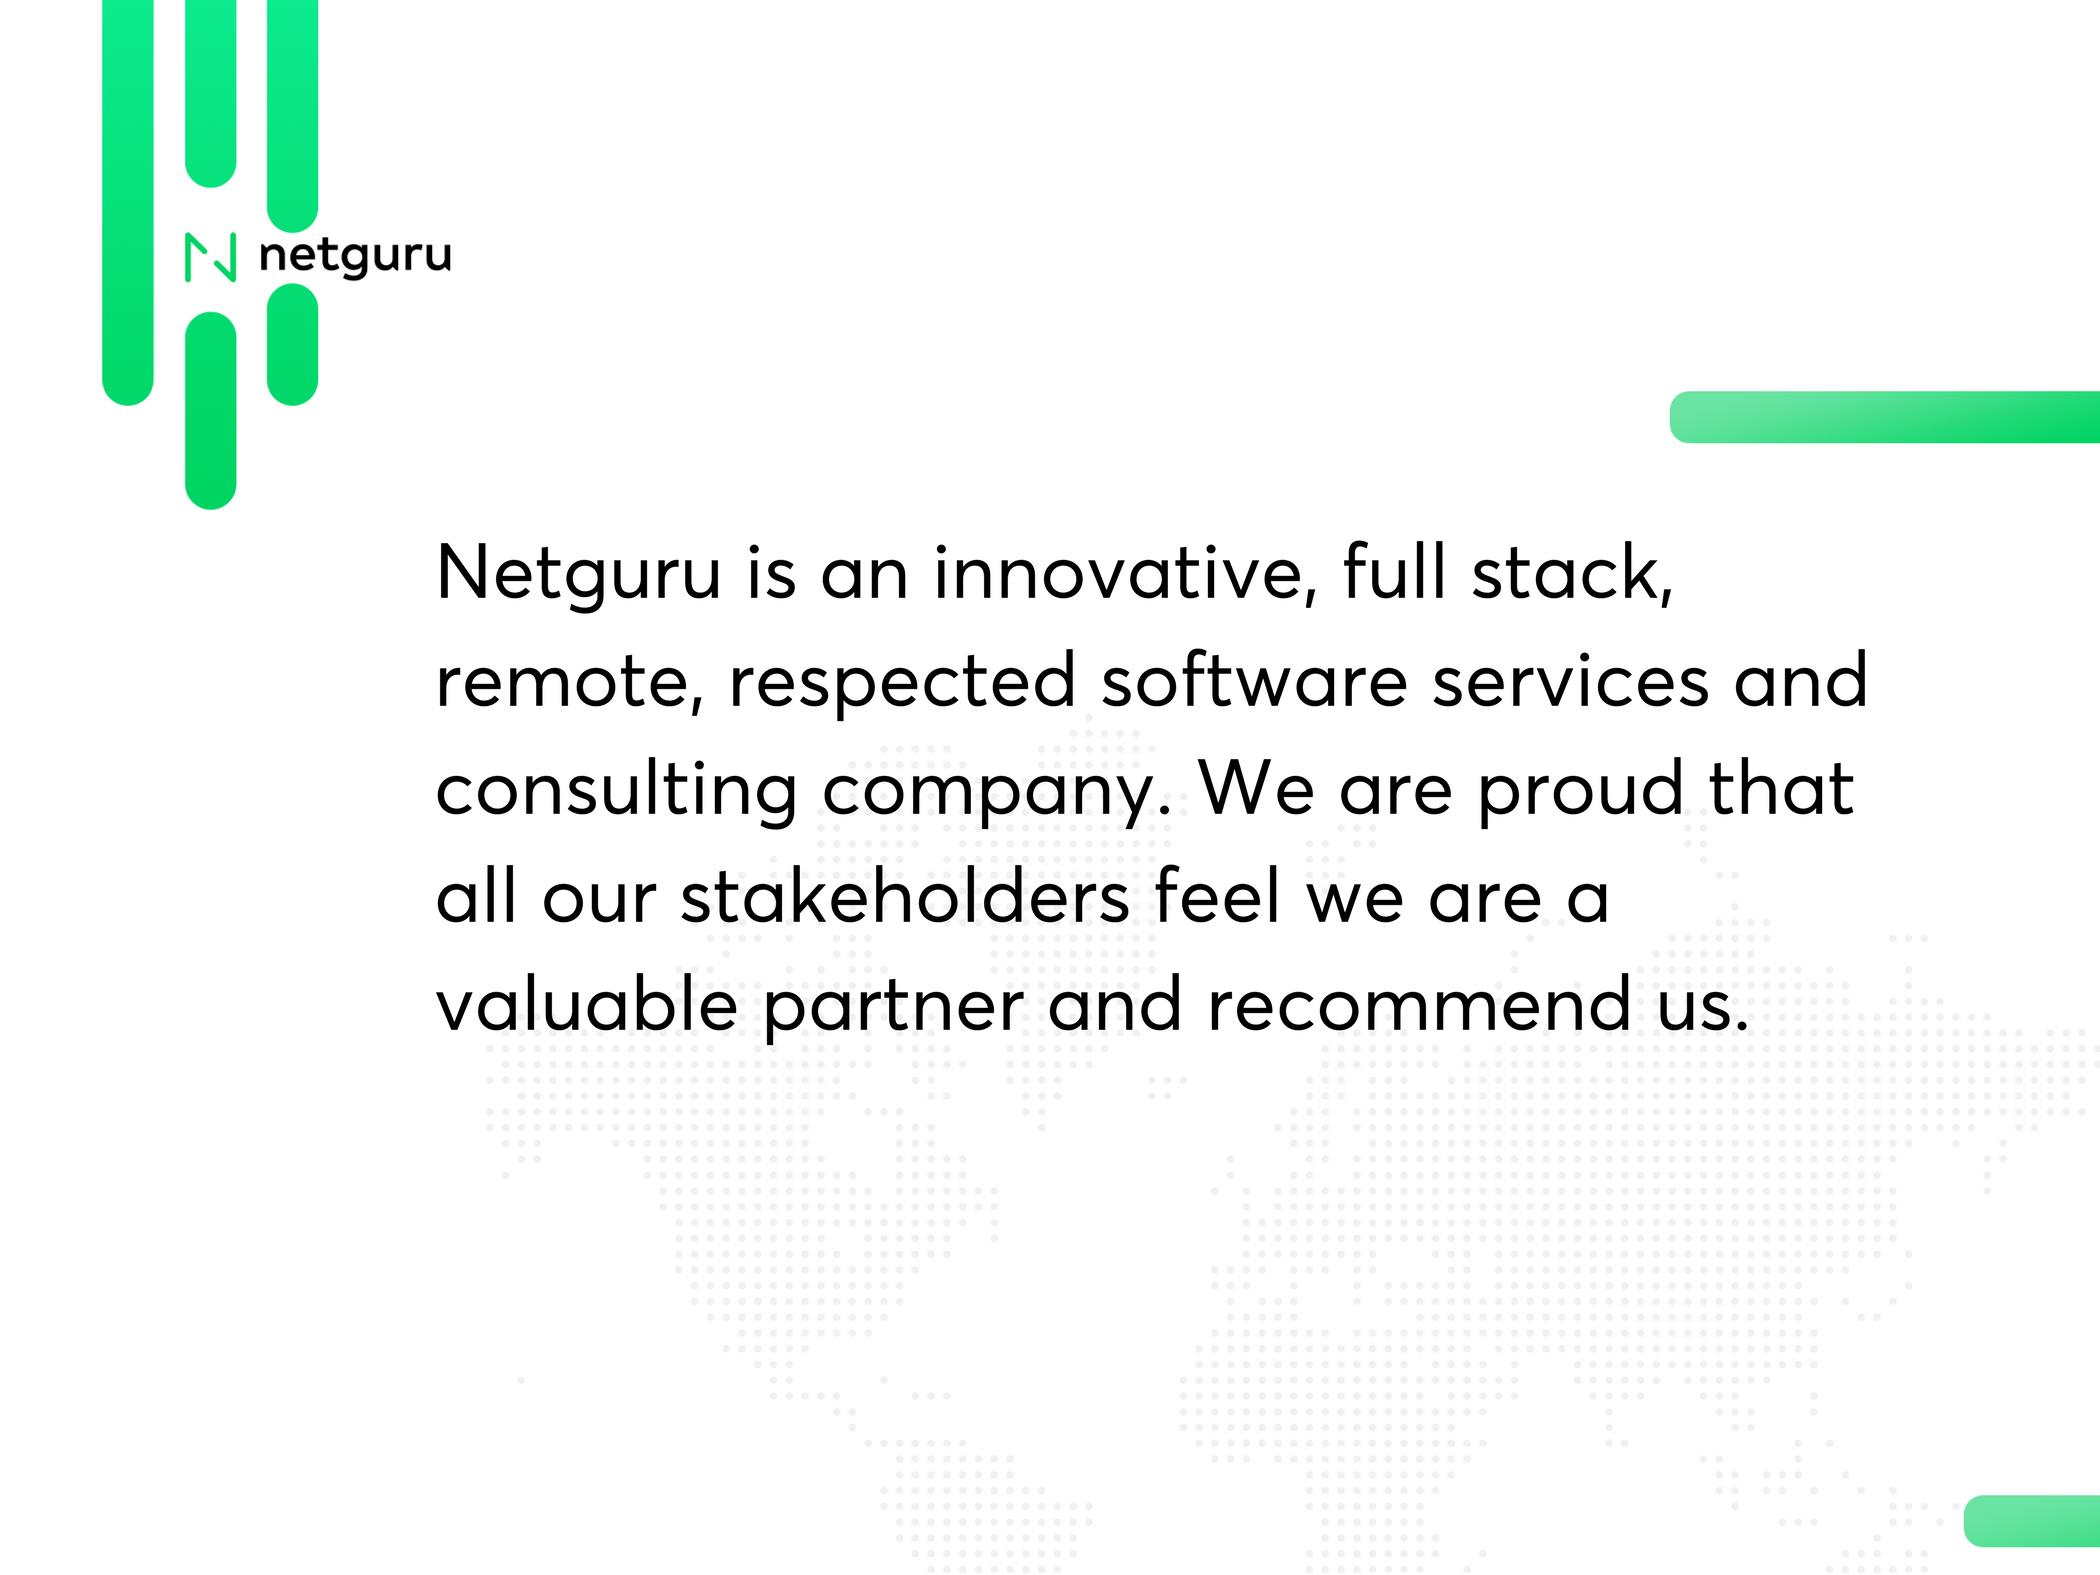 Vision-statement-netguru.png